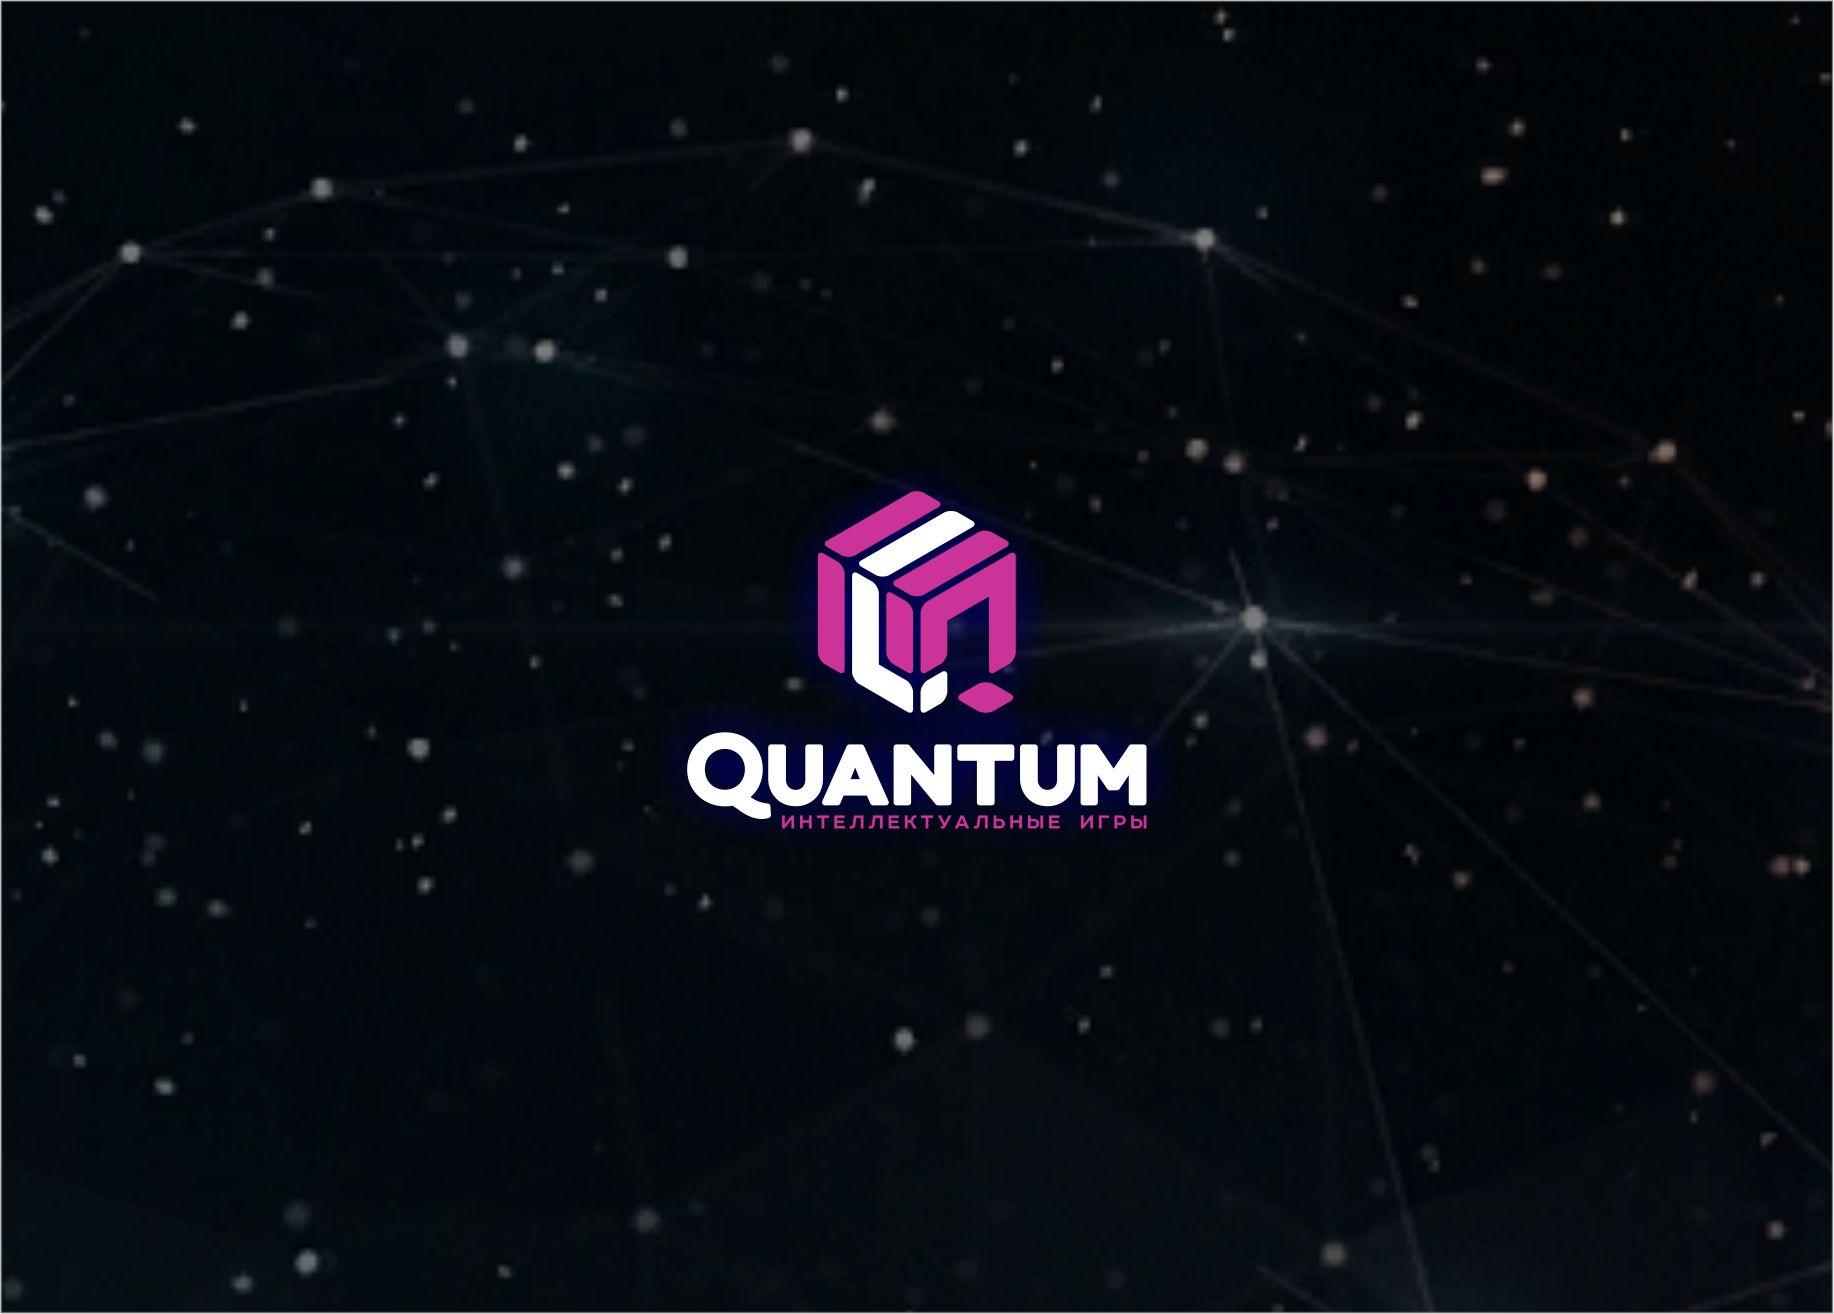 Редизайн логотипа бренда интеллектуальной игры фото f_8015bc4f865c9d8c.jpg